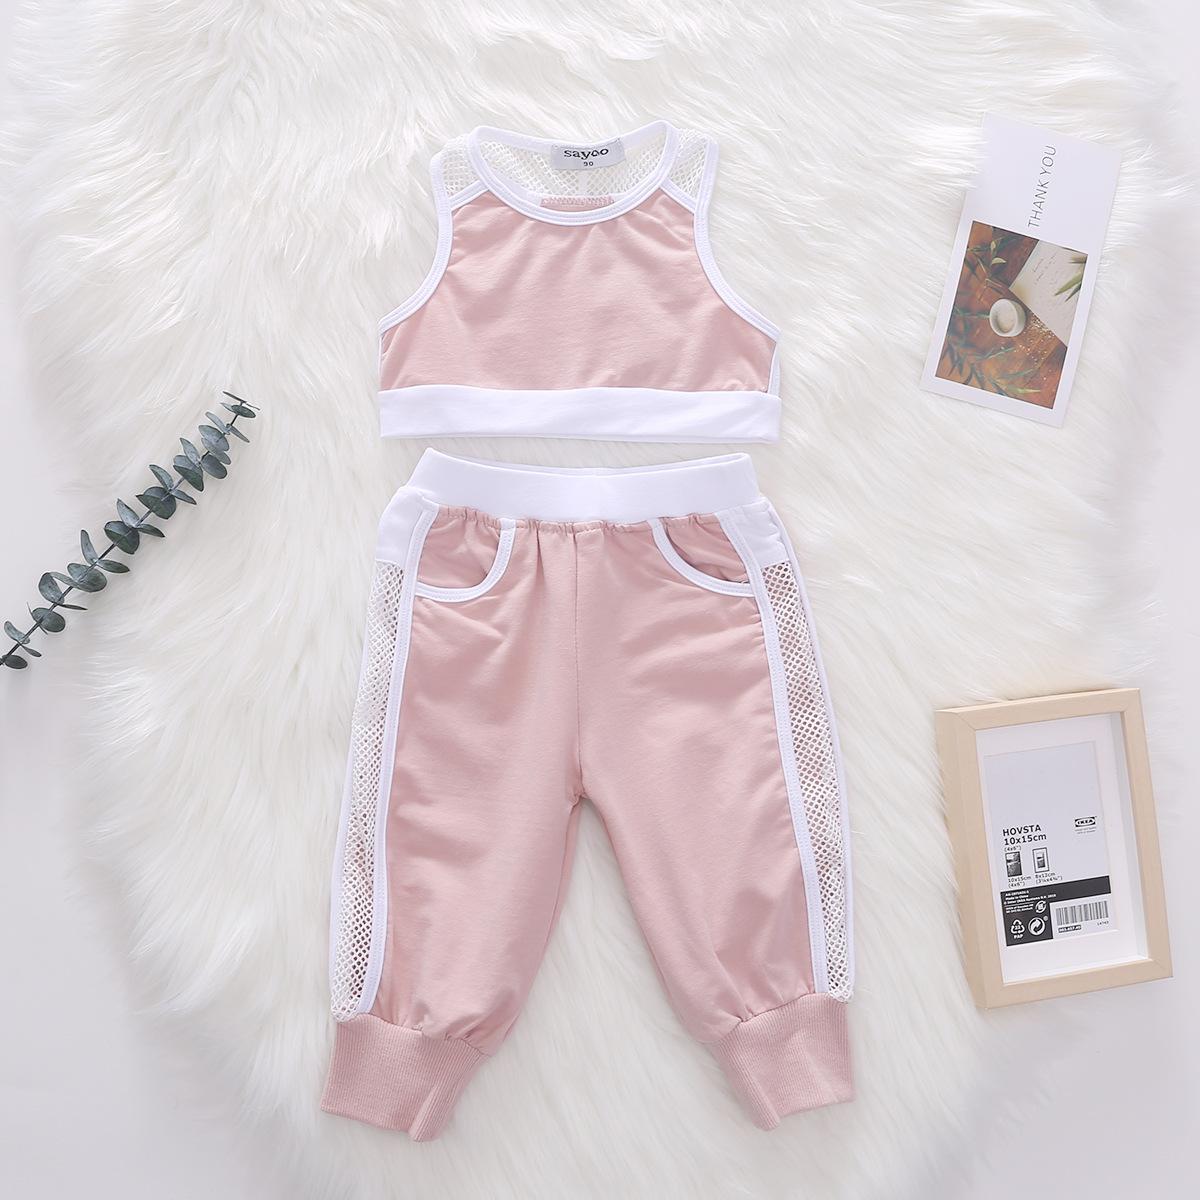 2020 Yeni bebek kız kıyafetler çocuklar yelek üstleri + Nefes rahat spor pantolon 2adet çocuk eğlence setleri örgü oymak A2741